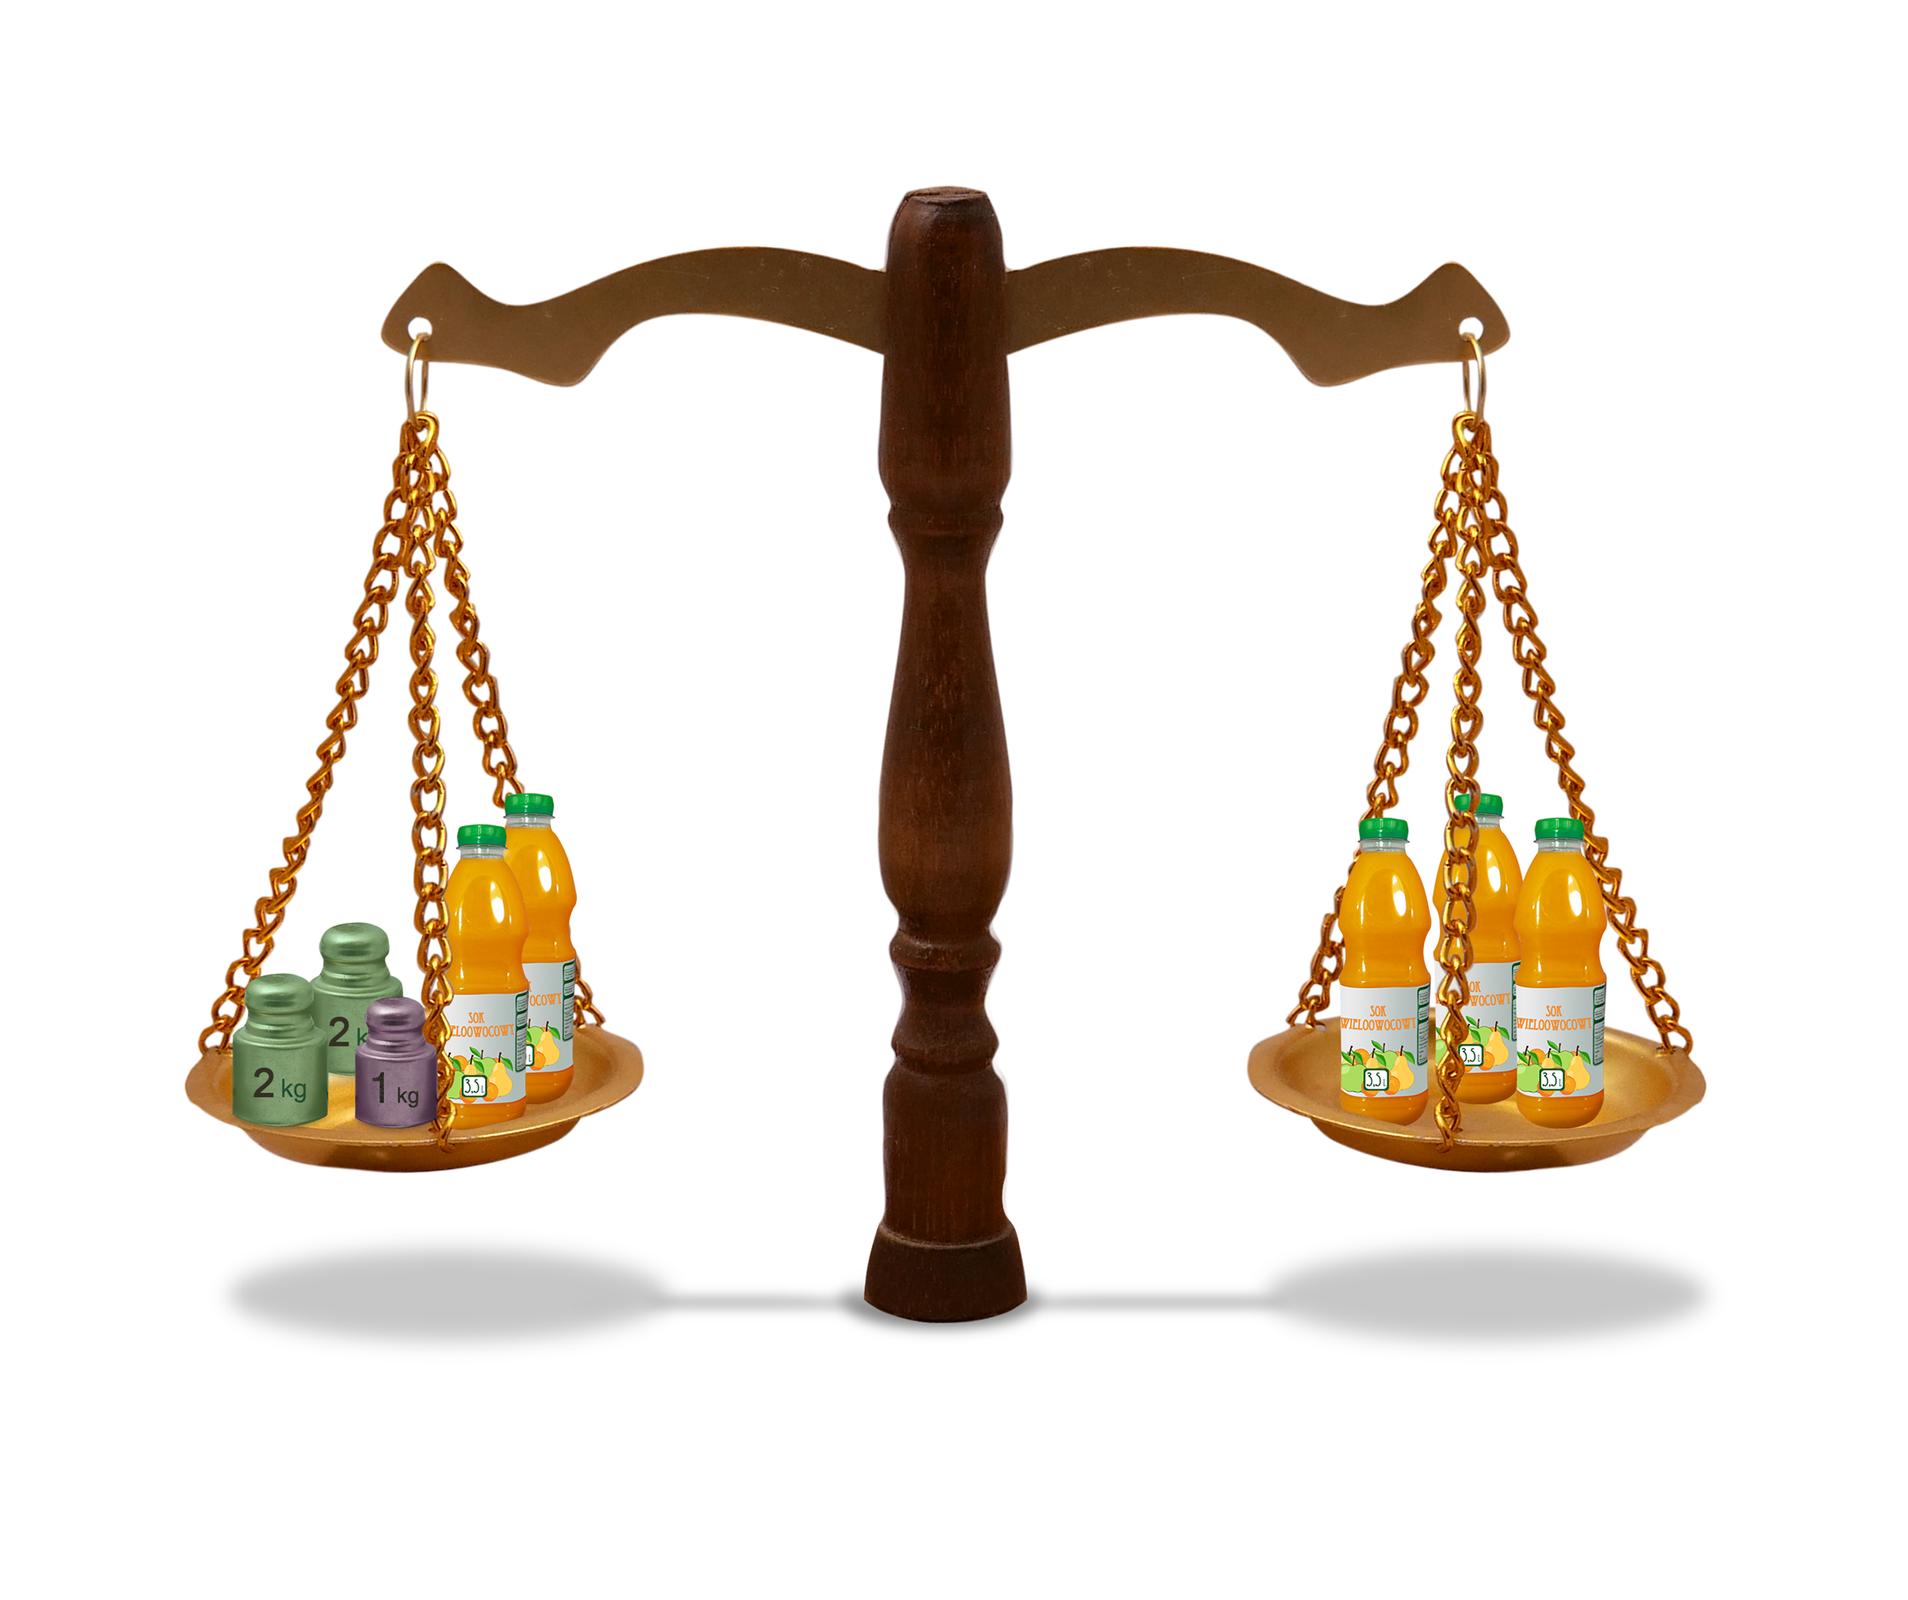 Rysunek wagi szalkowej. Na jednej szalce dwie butelki soku iodważniki 1 kg, 2 kg, 2 kg. Na drugiej szalce trzy butelki soku.